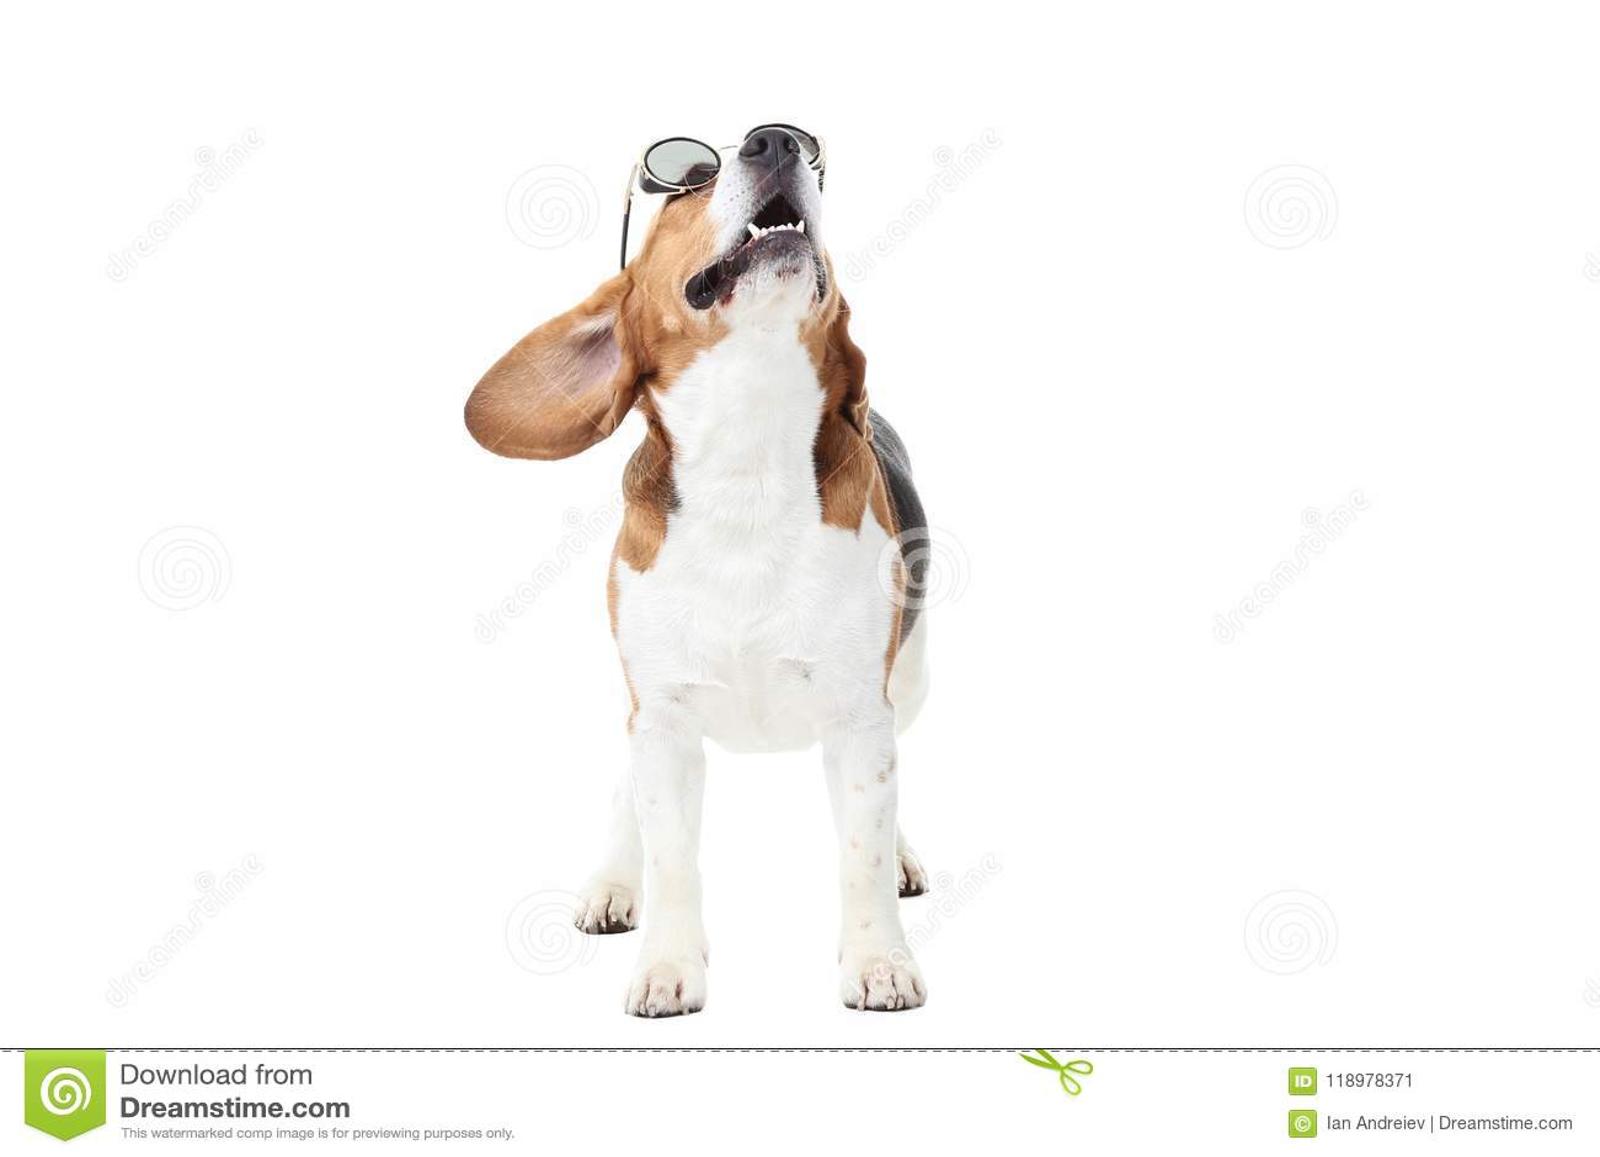 Sol Gafas Archivo De Beagle Perro Imagen En Del c4q3A5LRj